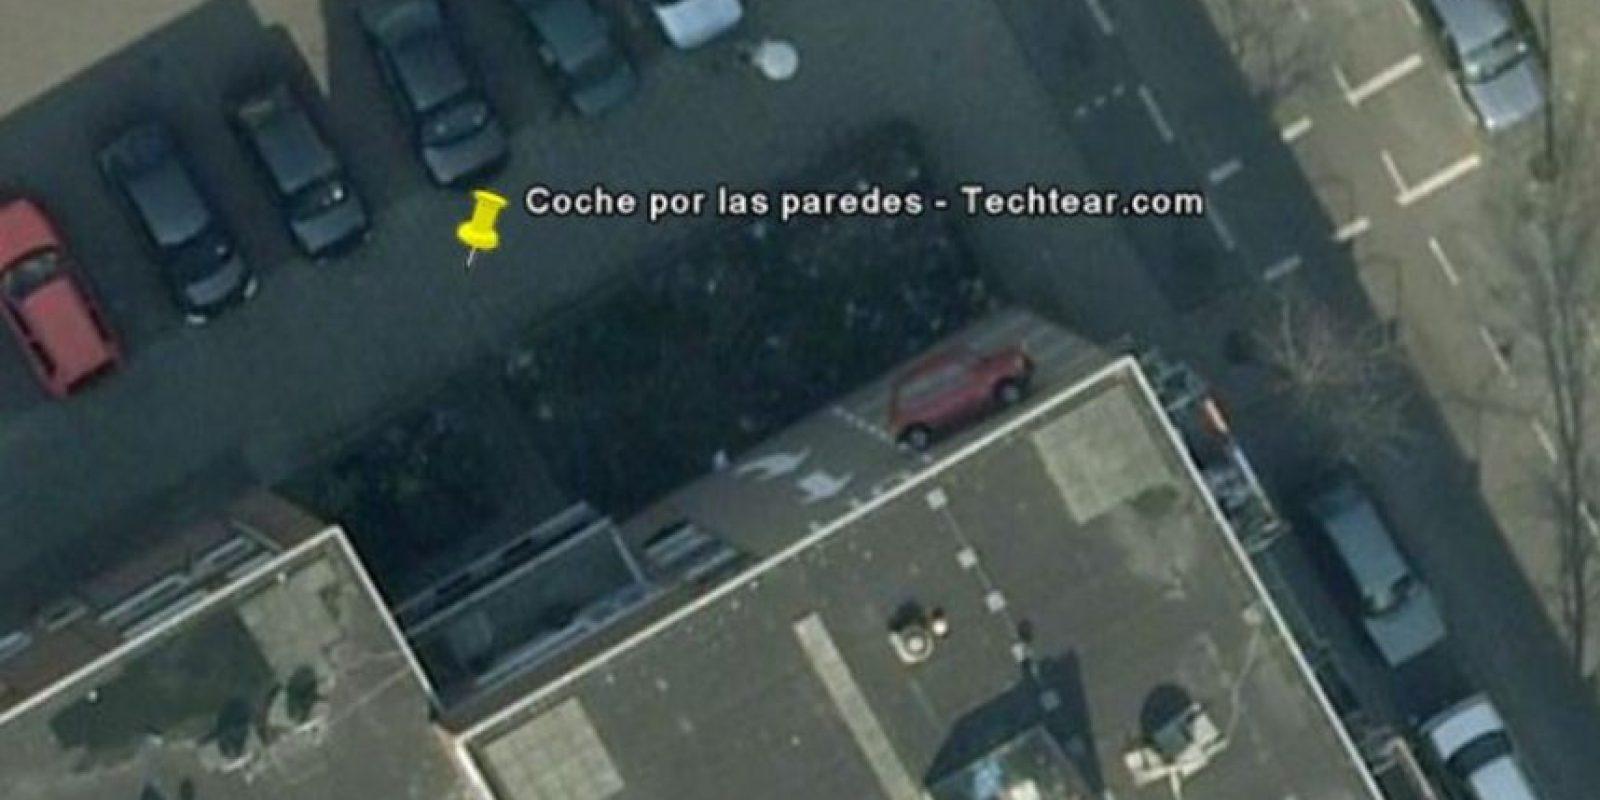 Un auto estacionado en una pared. Foto:Google